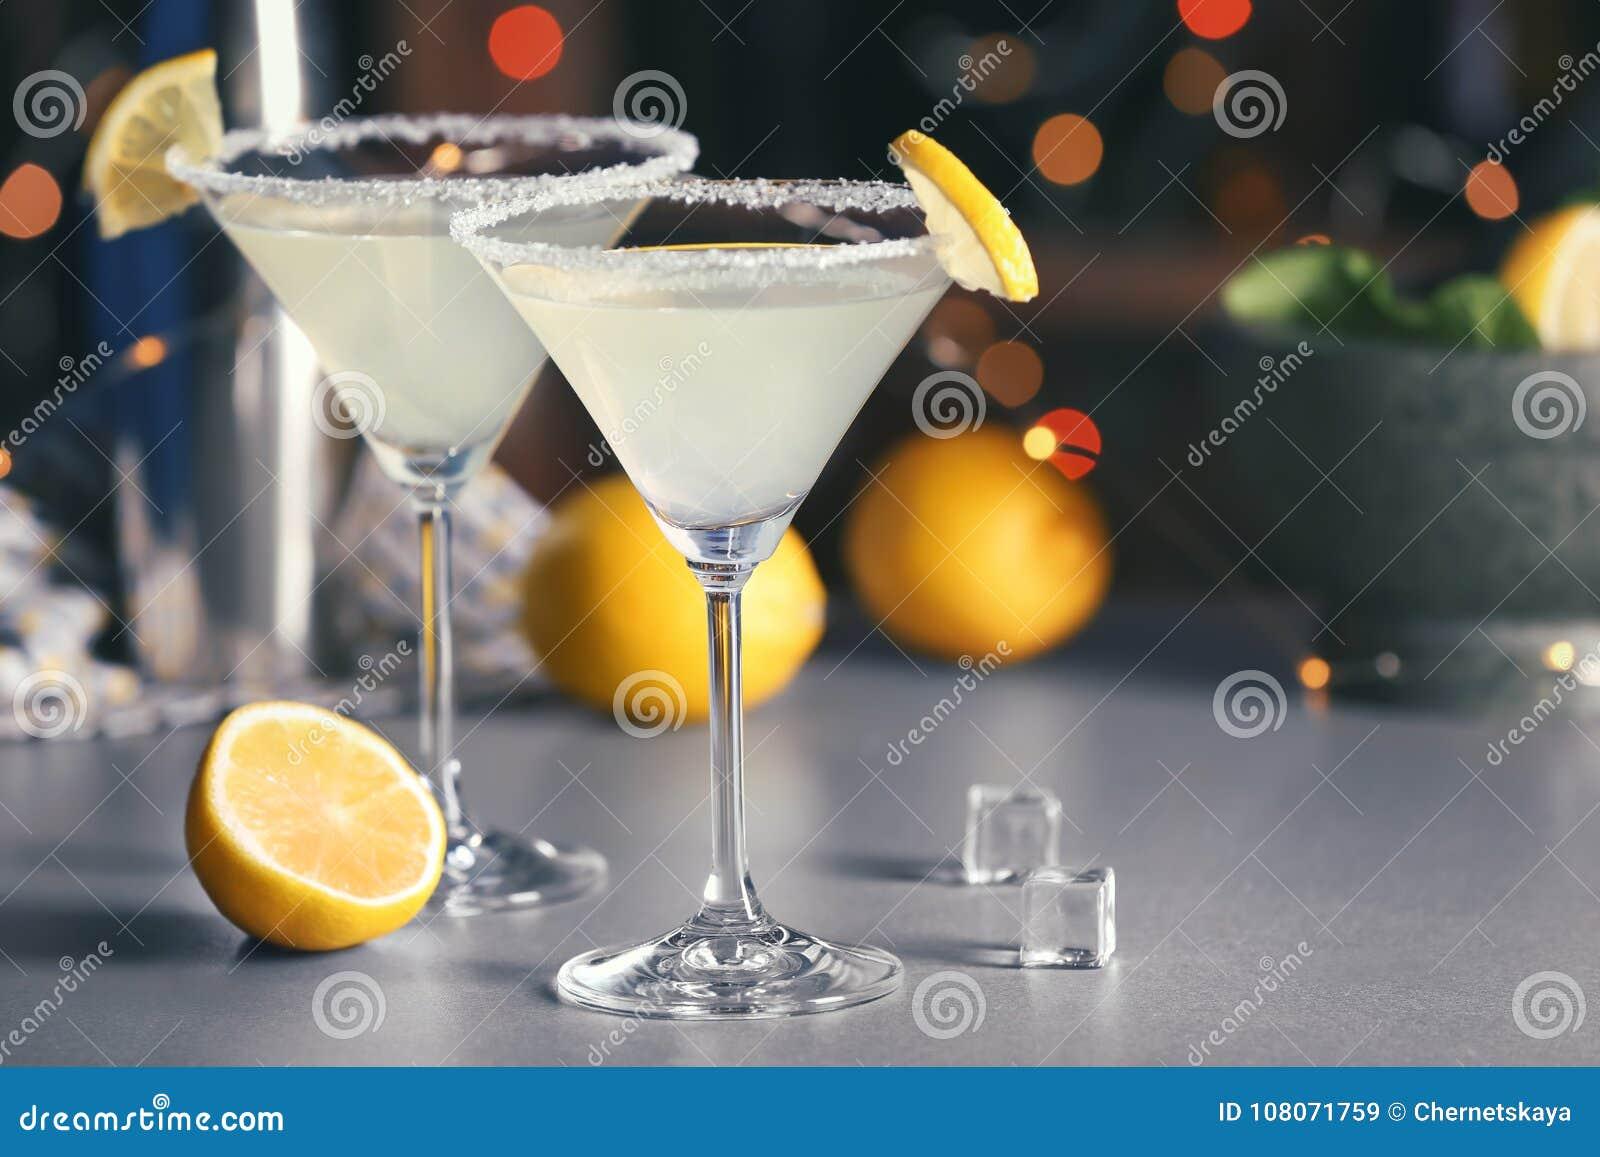 与鲜美柠檬糖马蒂尼鸡尾酒鸡尾酒的玻璃